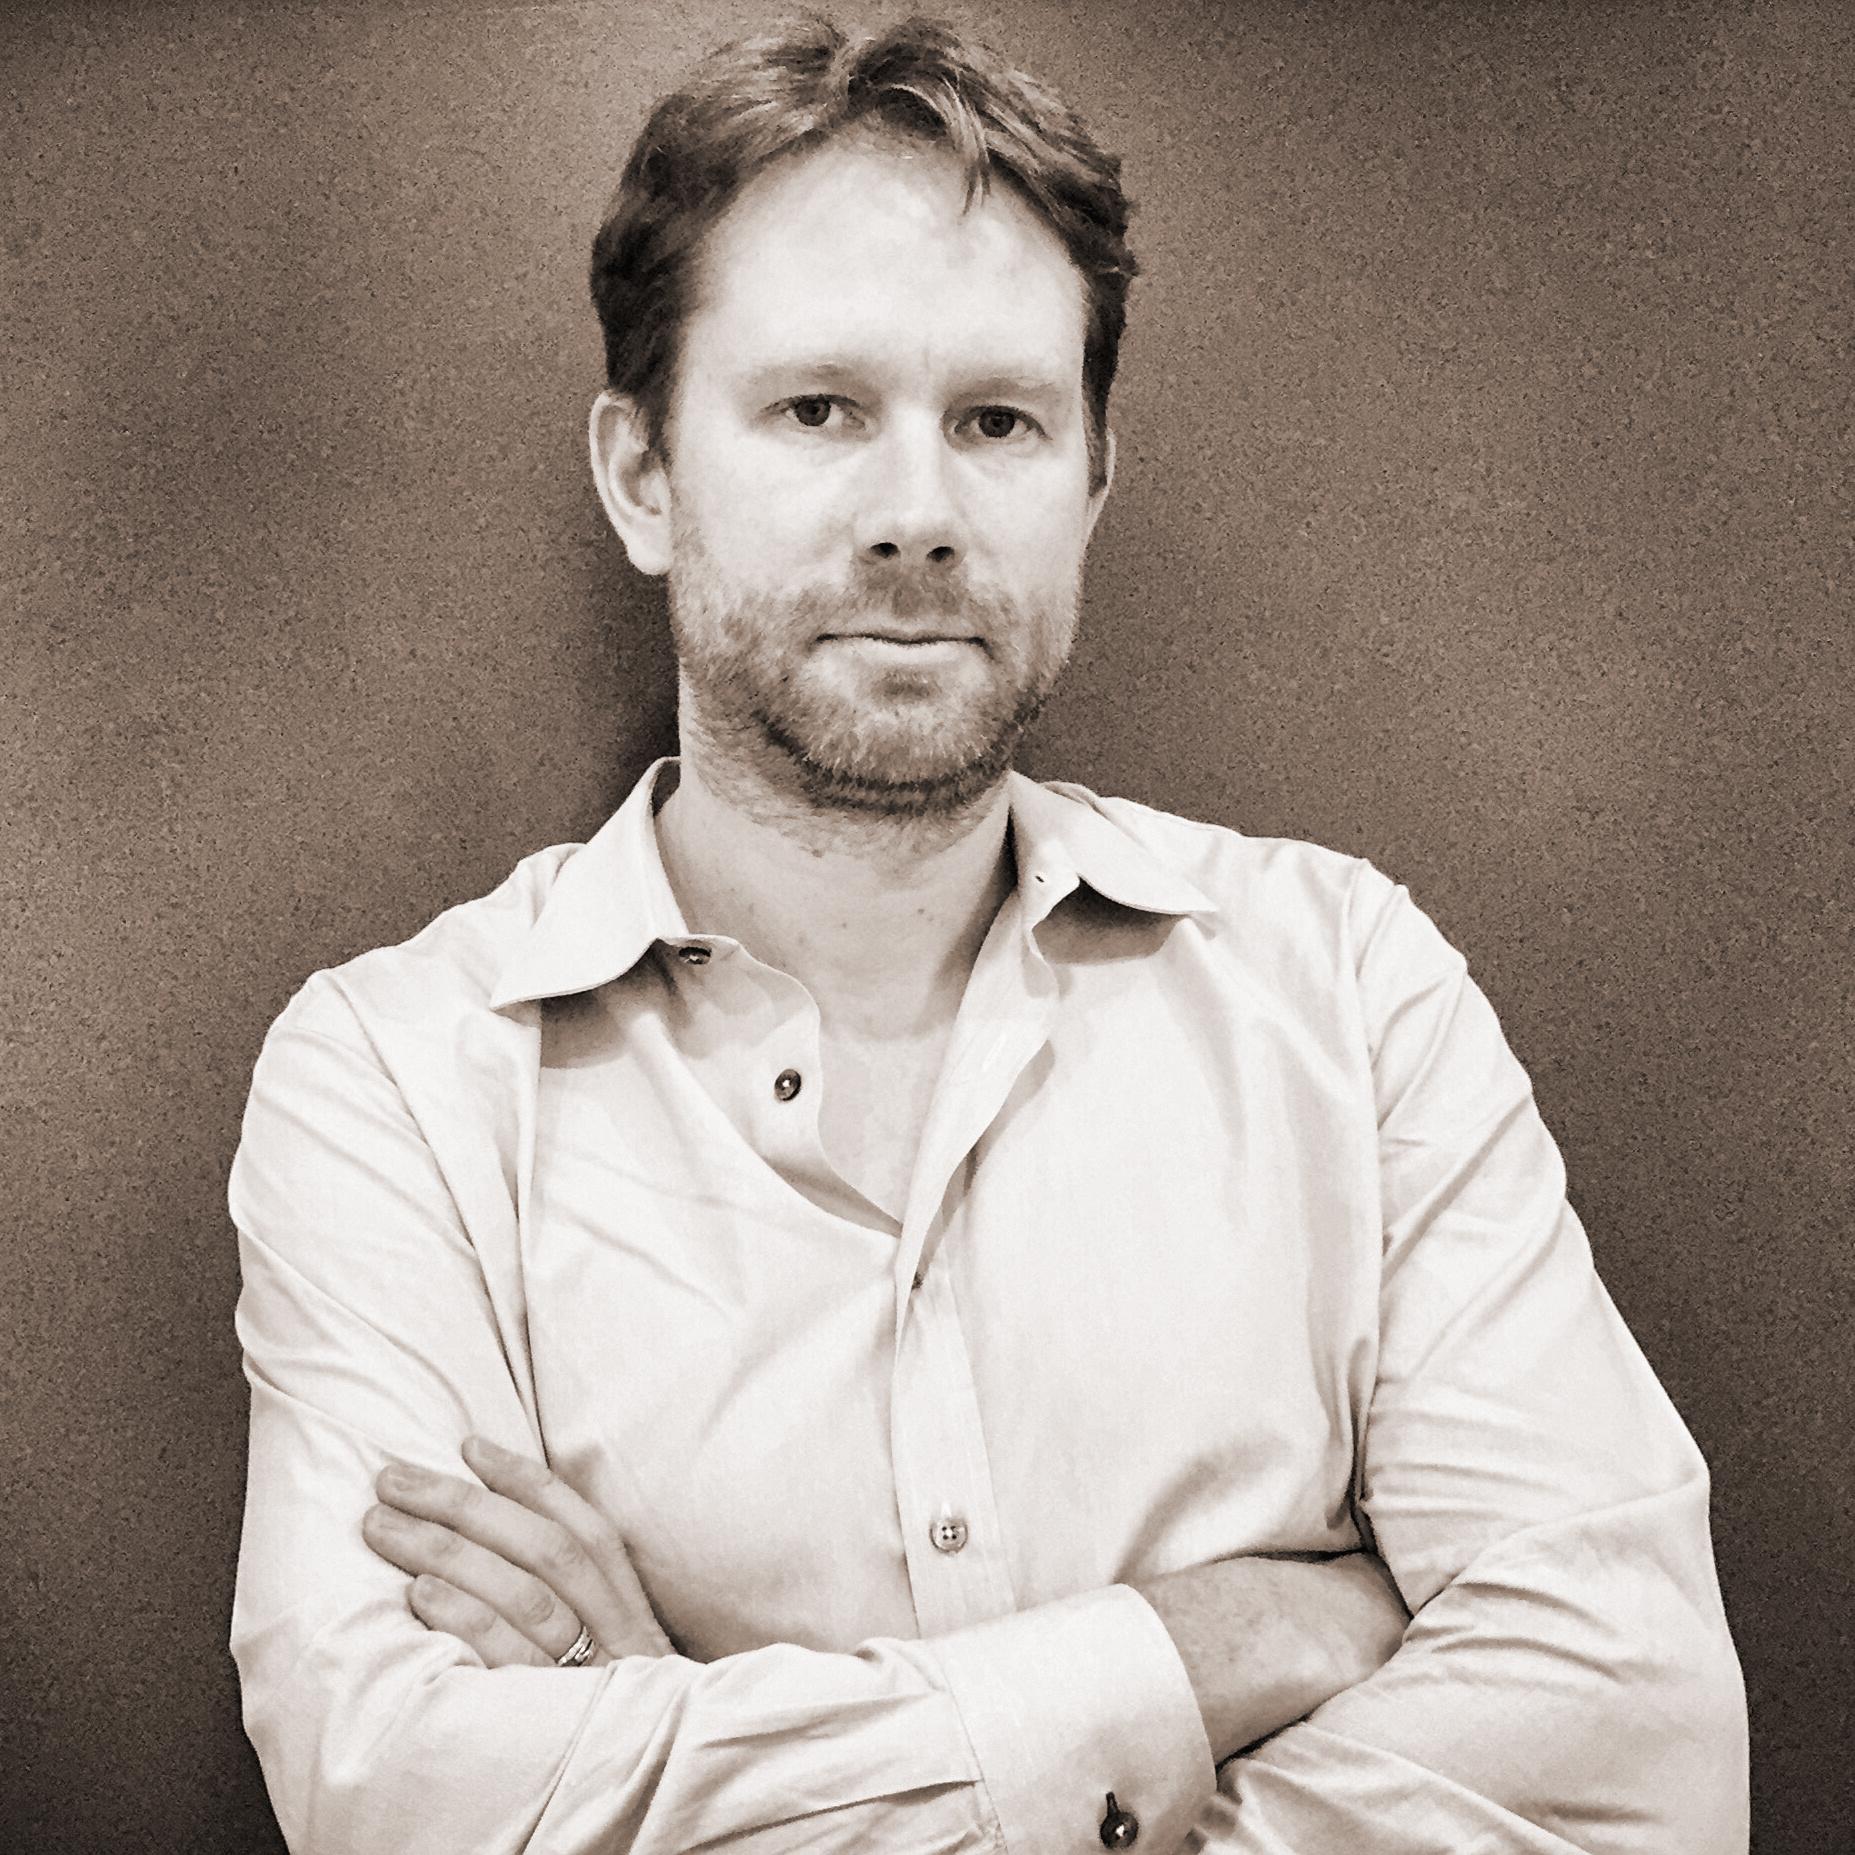 Eric Larchevêque